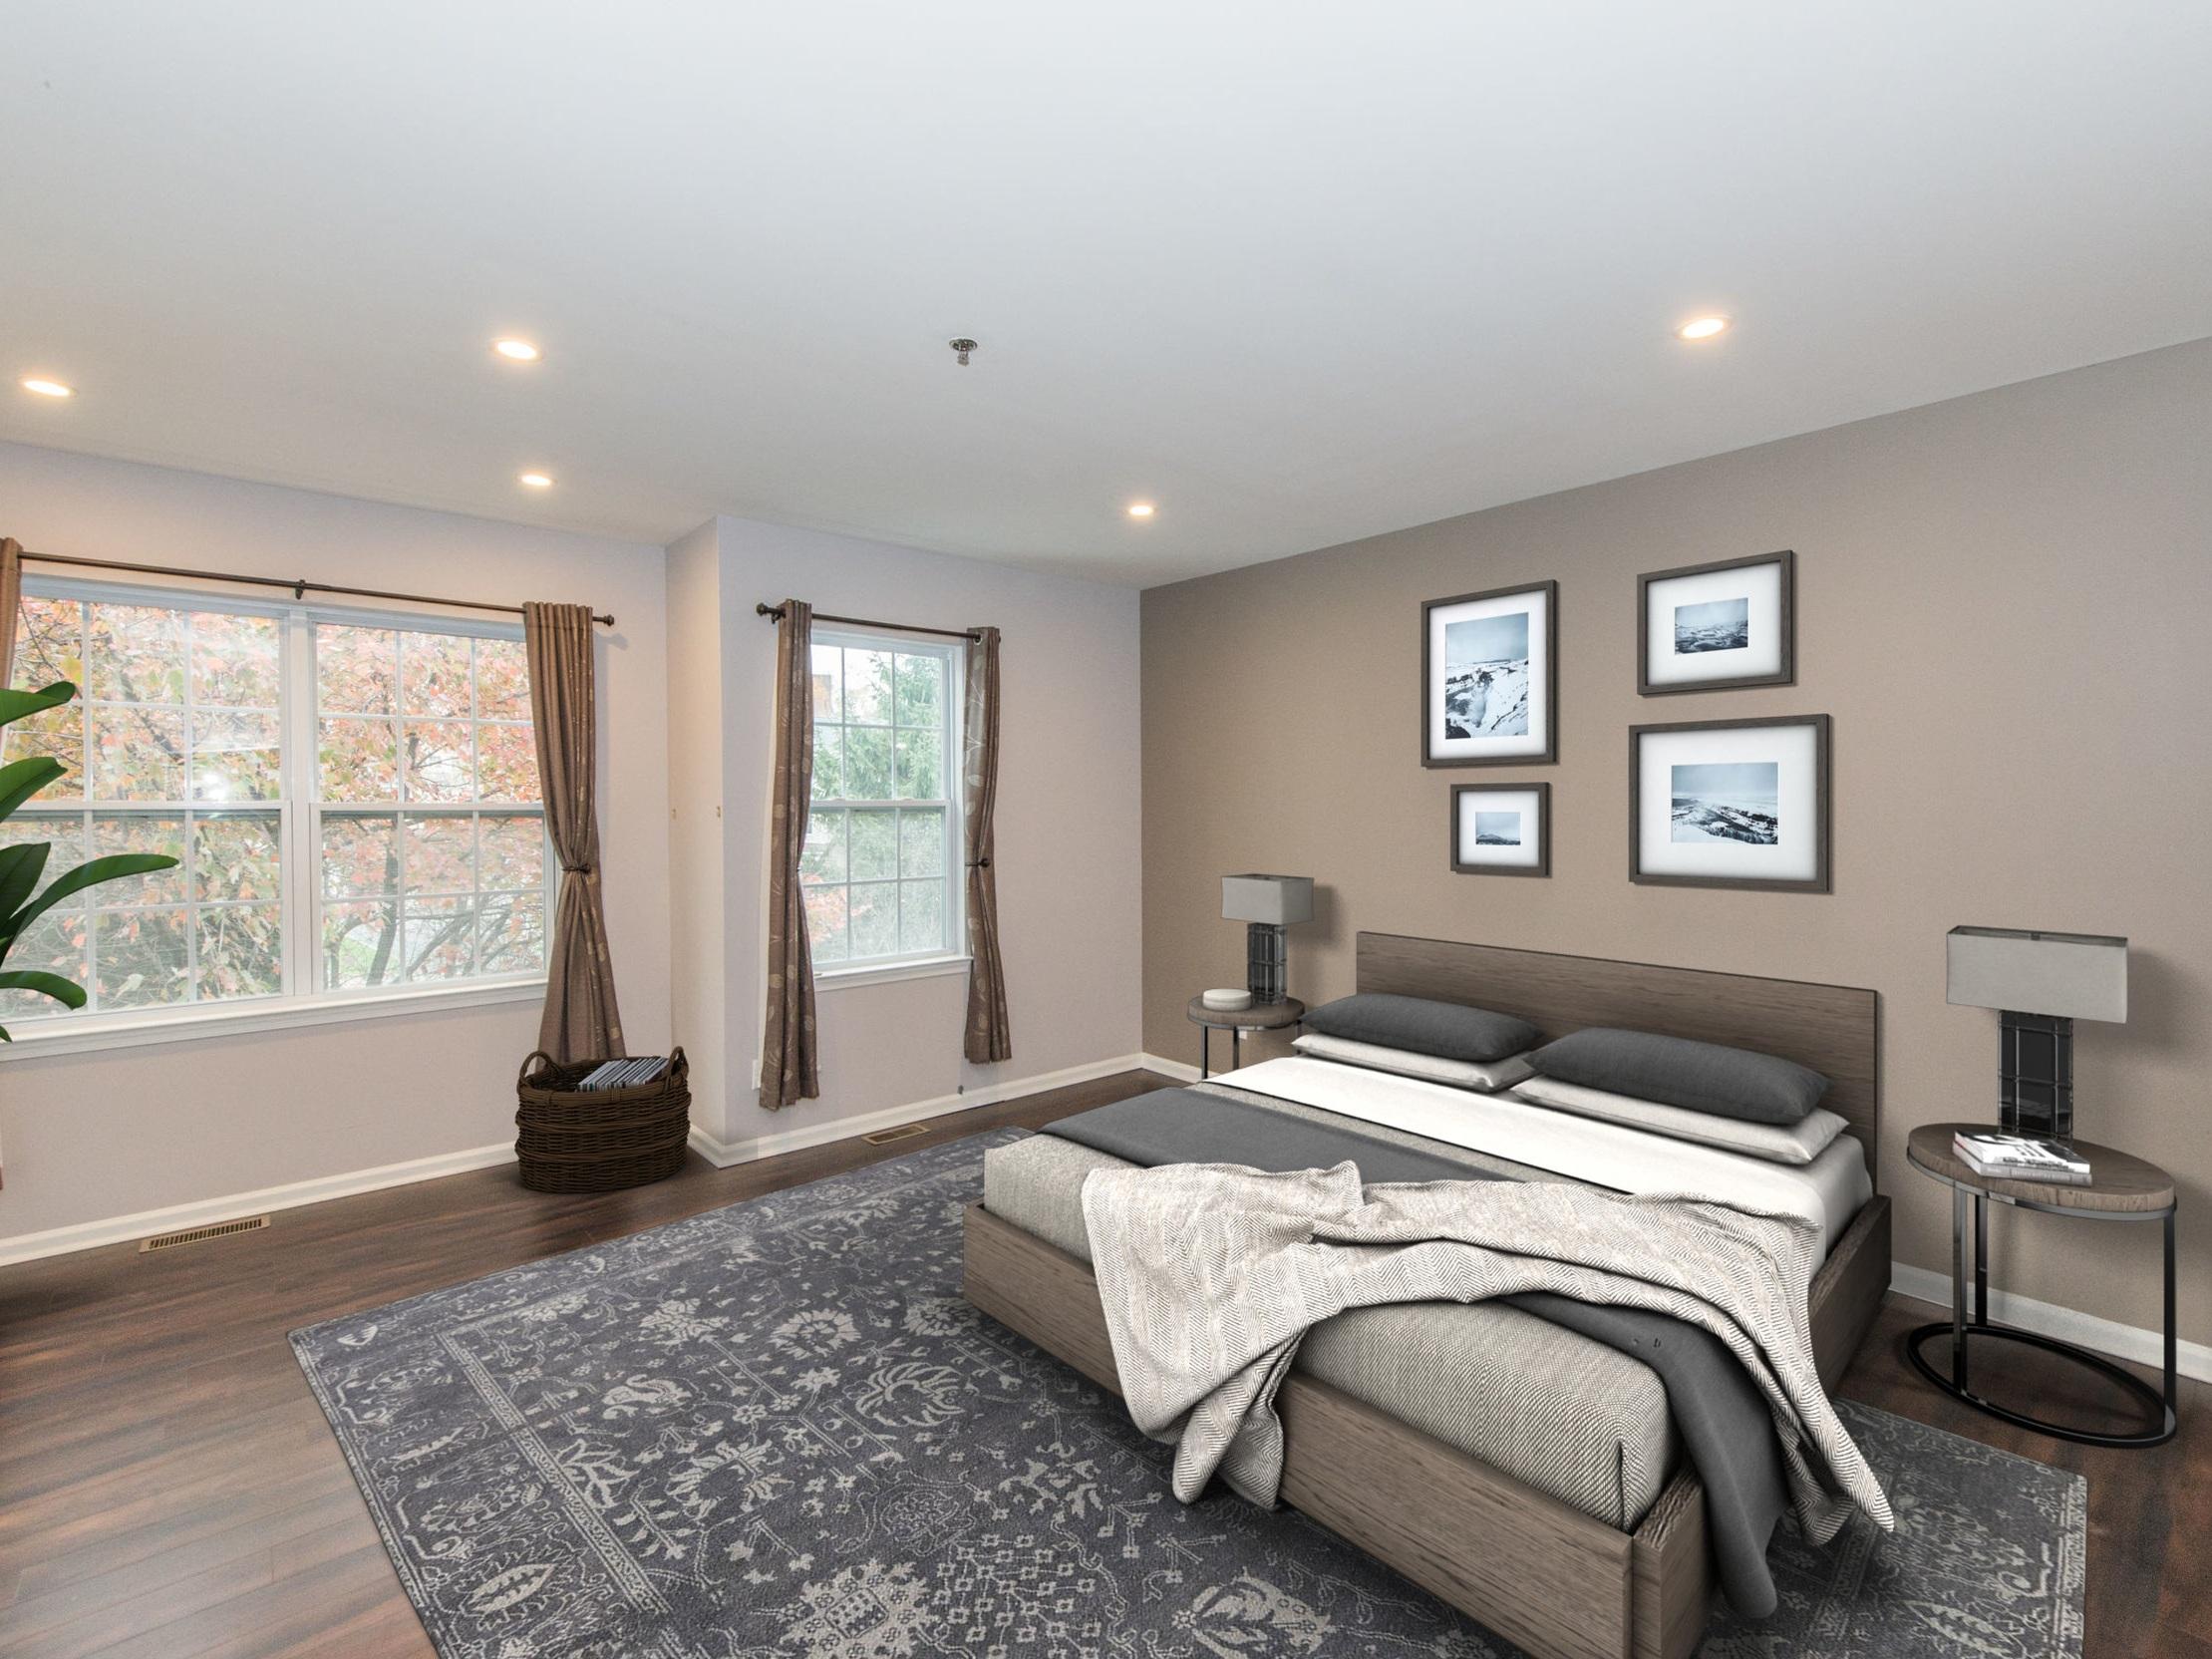 Condo+bedroom.jpg